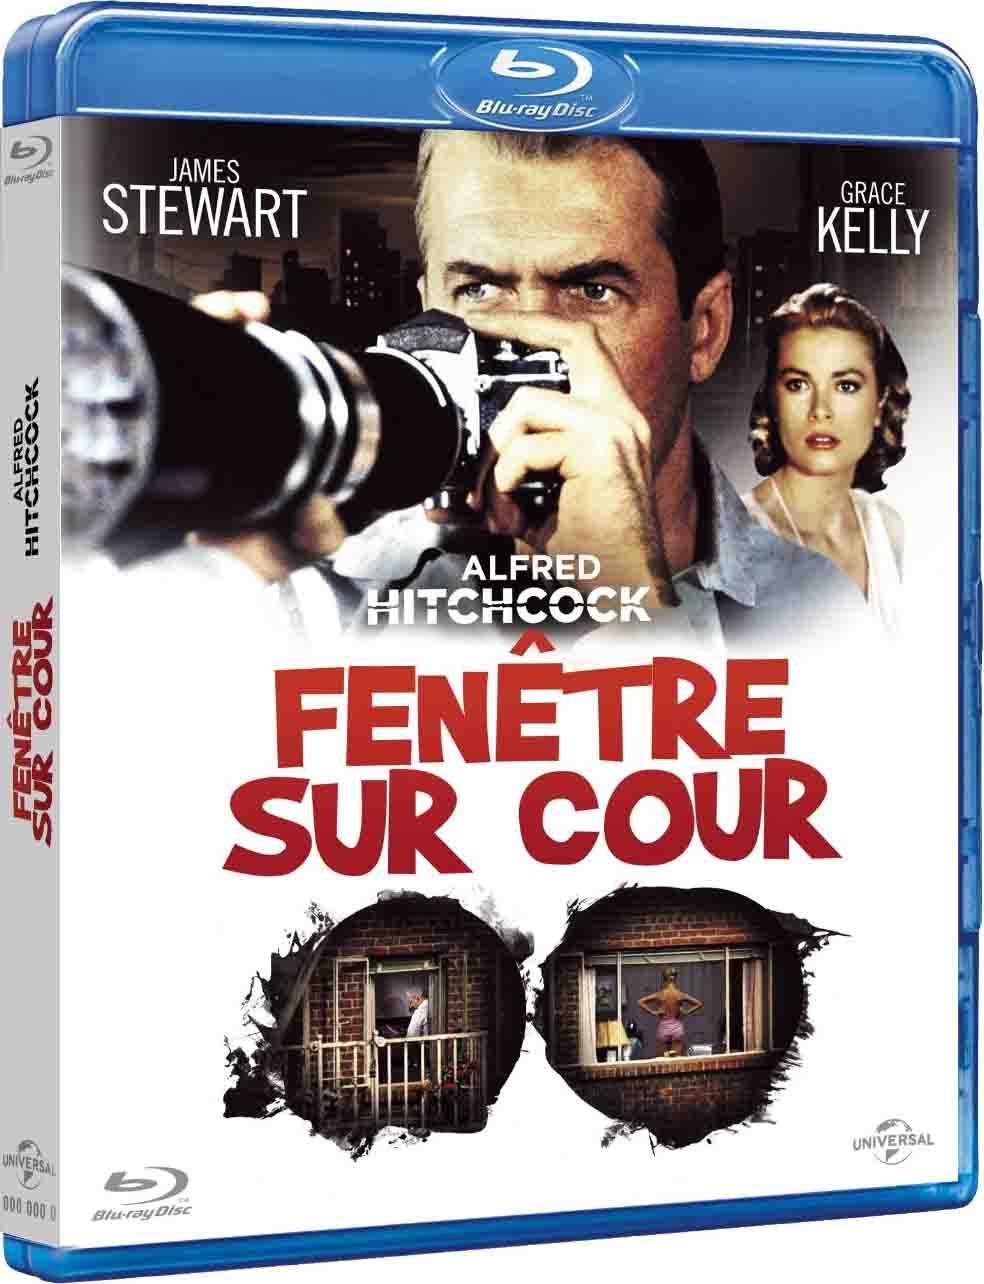 Fen tre sur cour test blu ray universal pictures video for Fenetre sur cour film